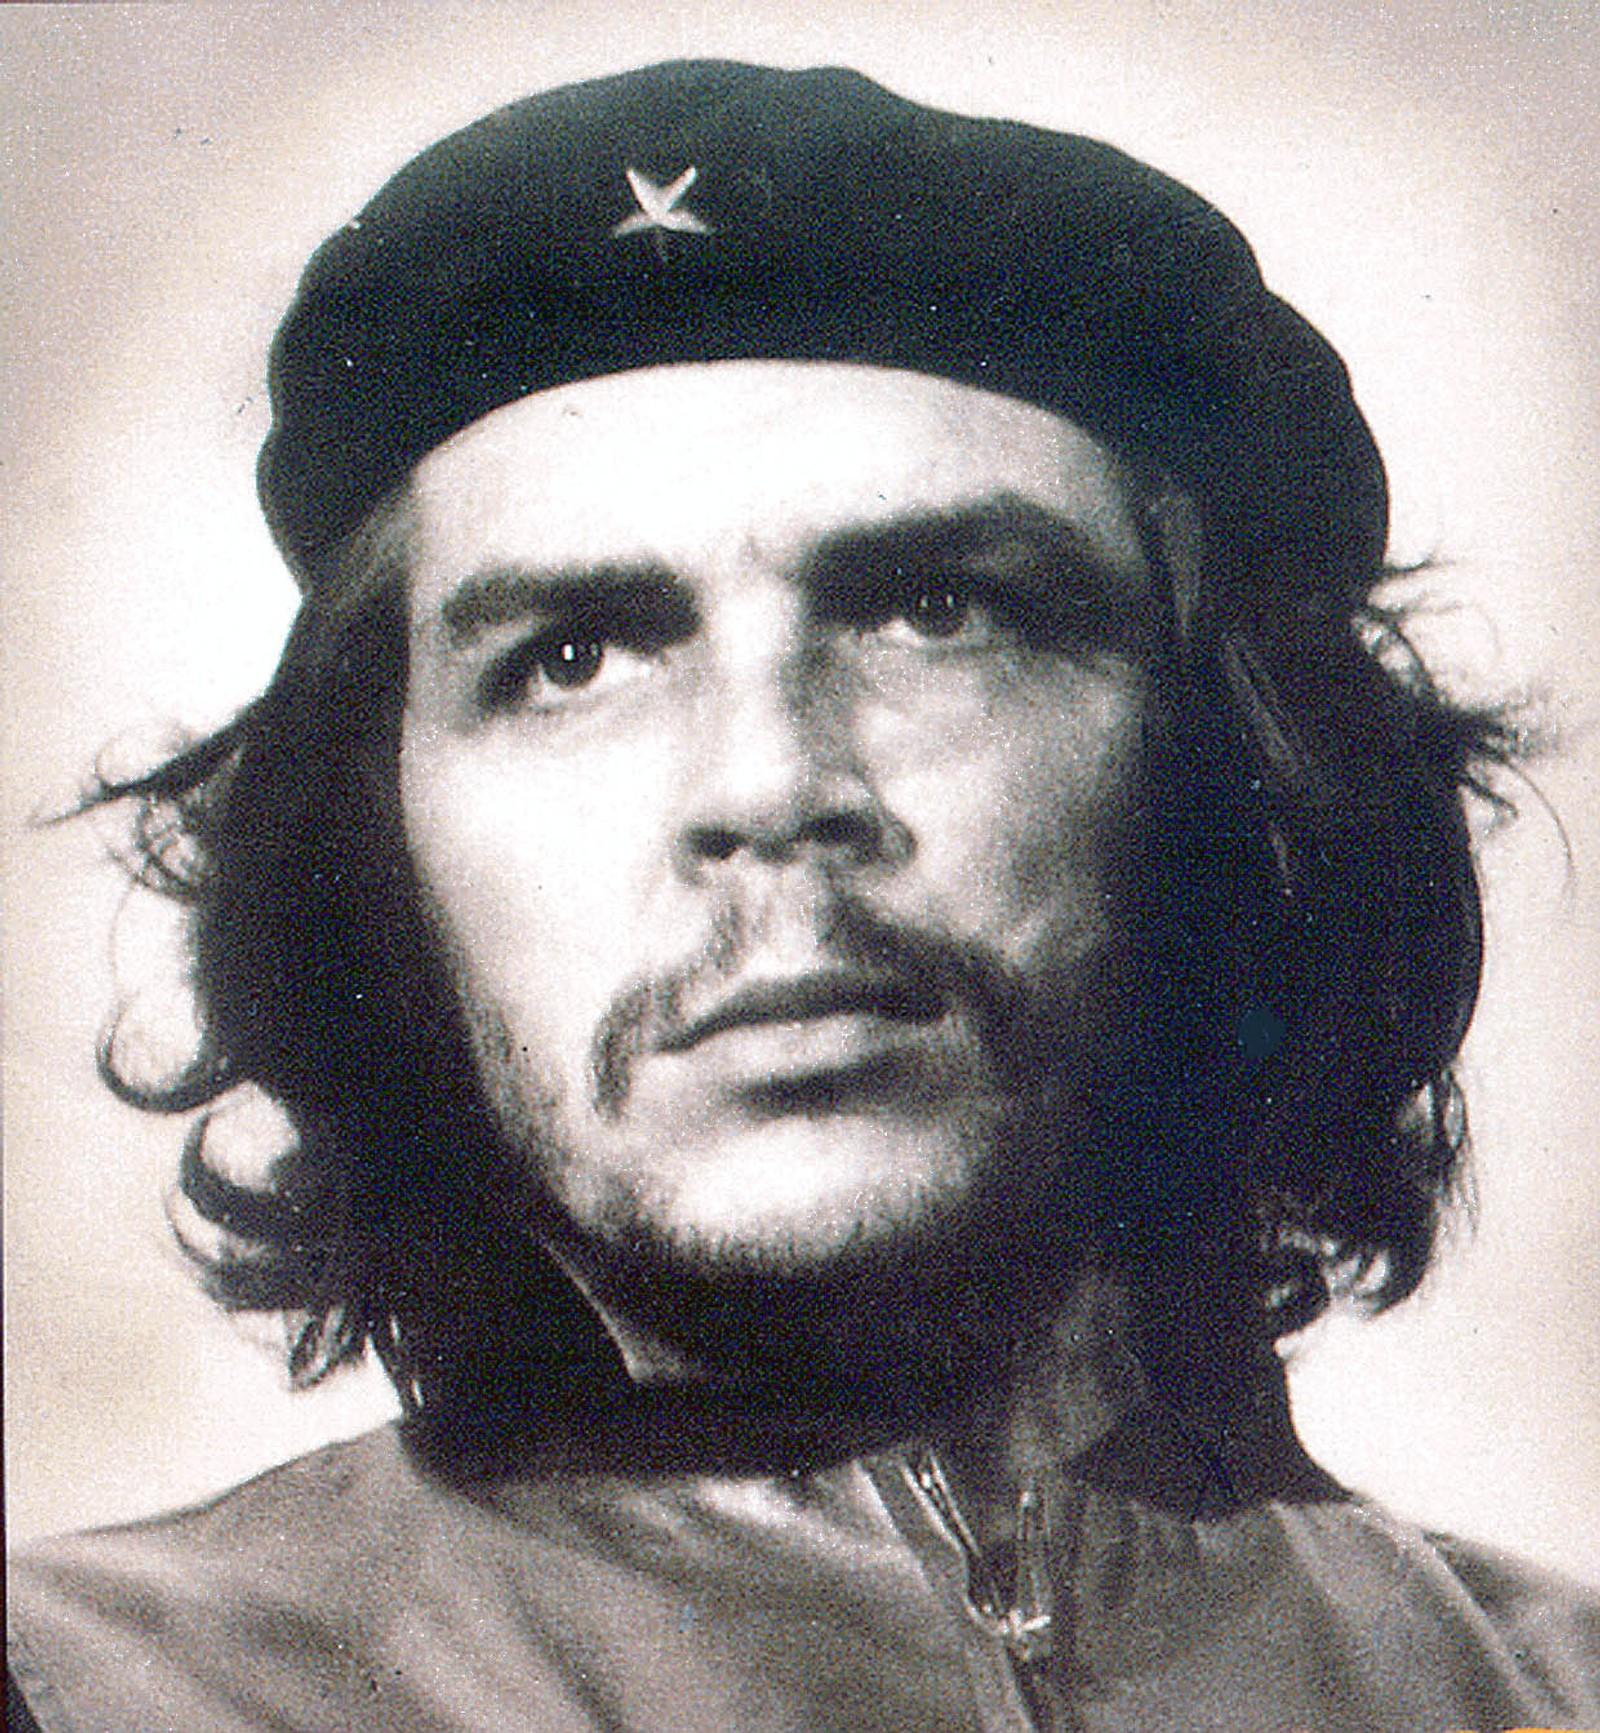 GERILJALEDEREN: Portrett av Che Guevara, som var sentral i den kubanske revolusjonen på 50-tallet. Han ble senere minister i regjeringen som ble dannet etter revolusjonen.